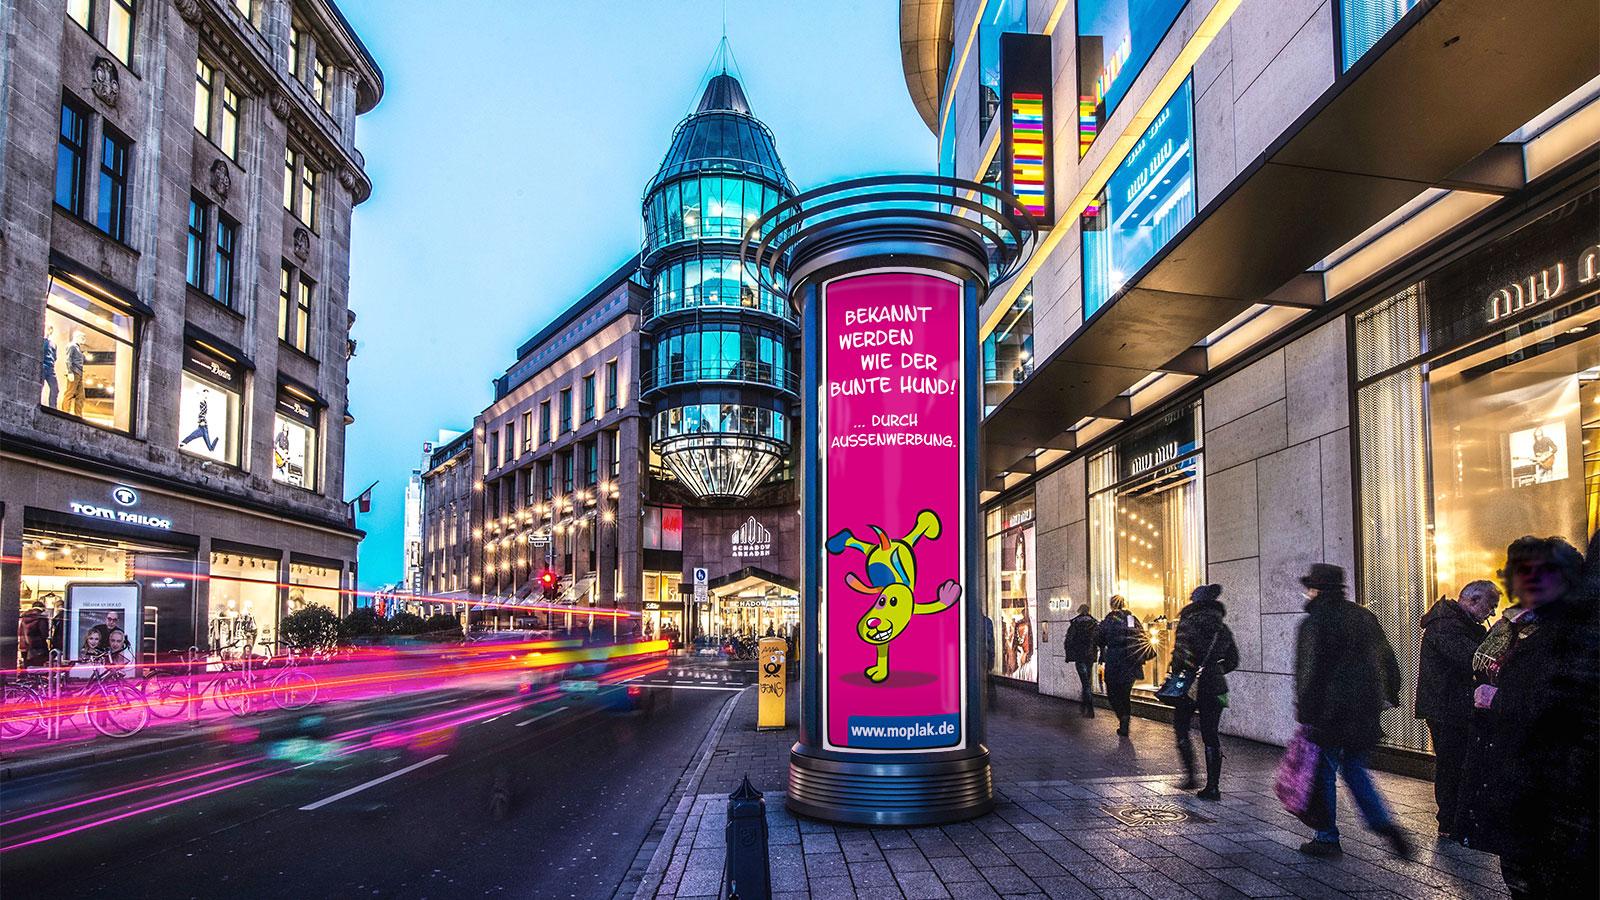 Solingen-Aussenwerbung-Litfasssaeule-Werbung